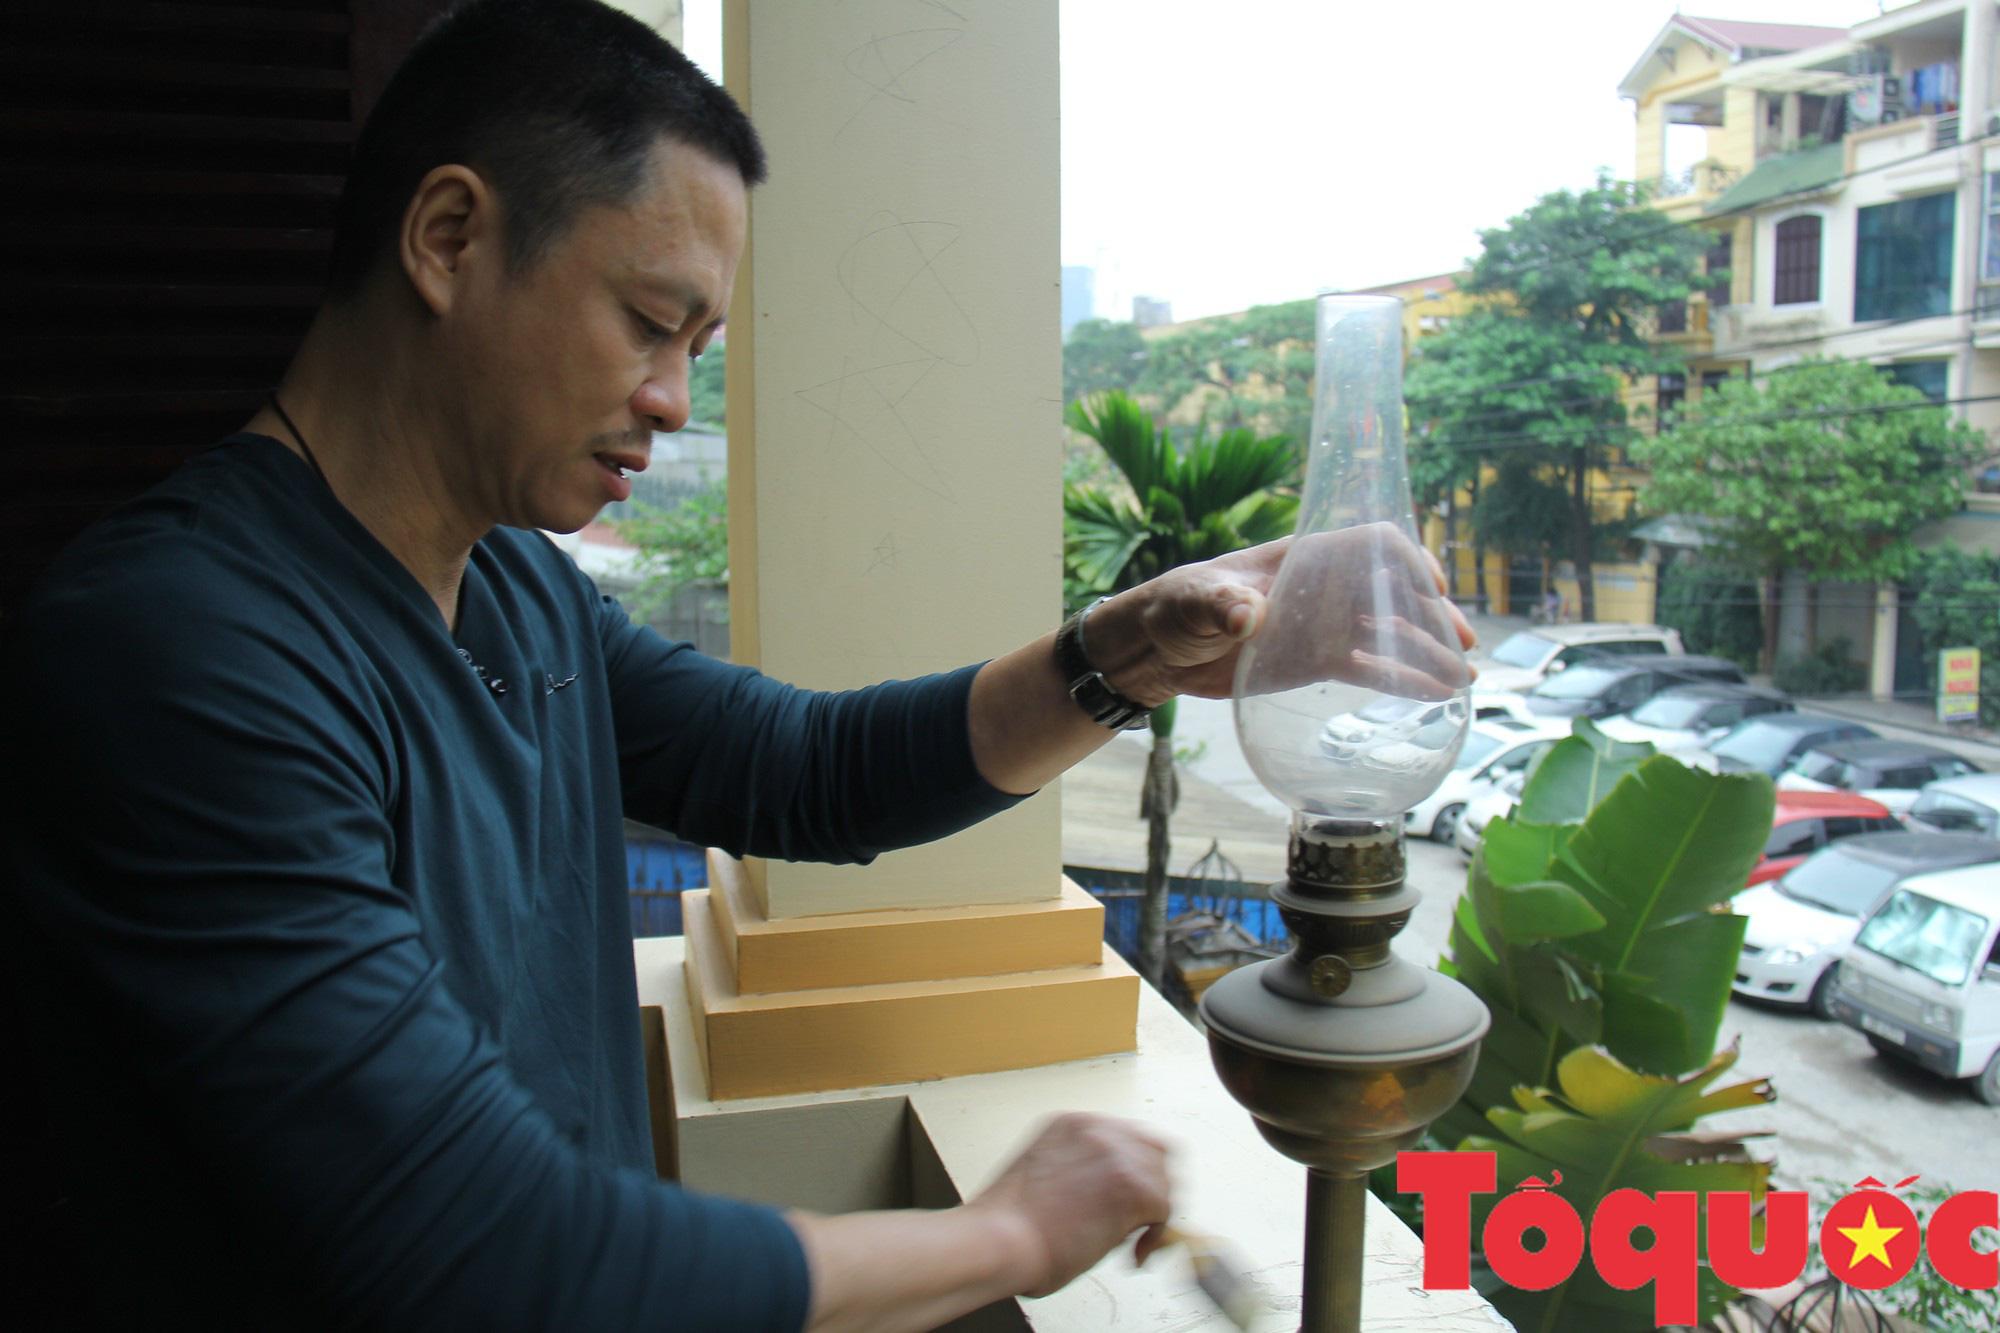 Đèn dầu: Từ vật dụng thiết yếu trong quá khứ đến thú sưu tầm, gìn giữ văn hóa của người Việt - Ảnh 4.